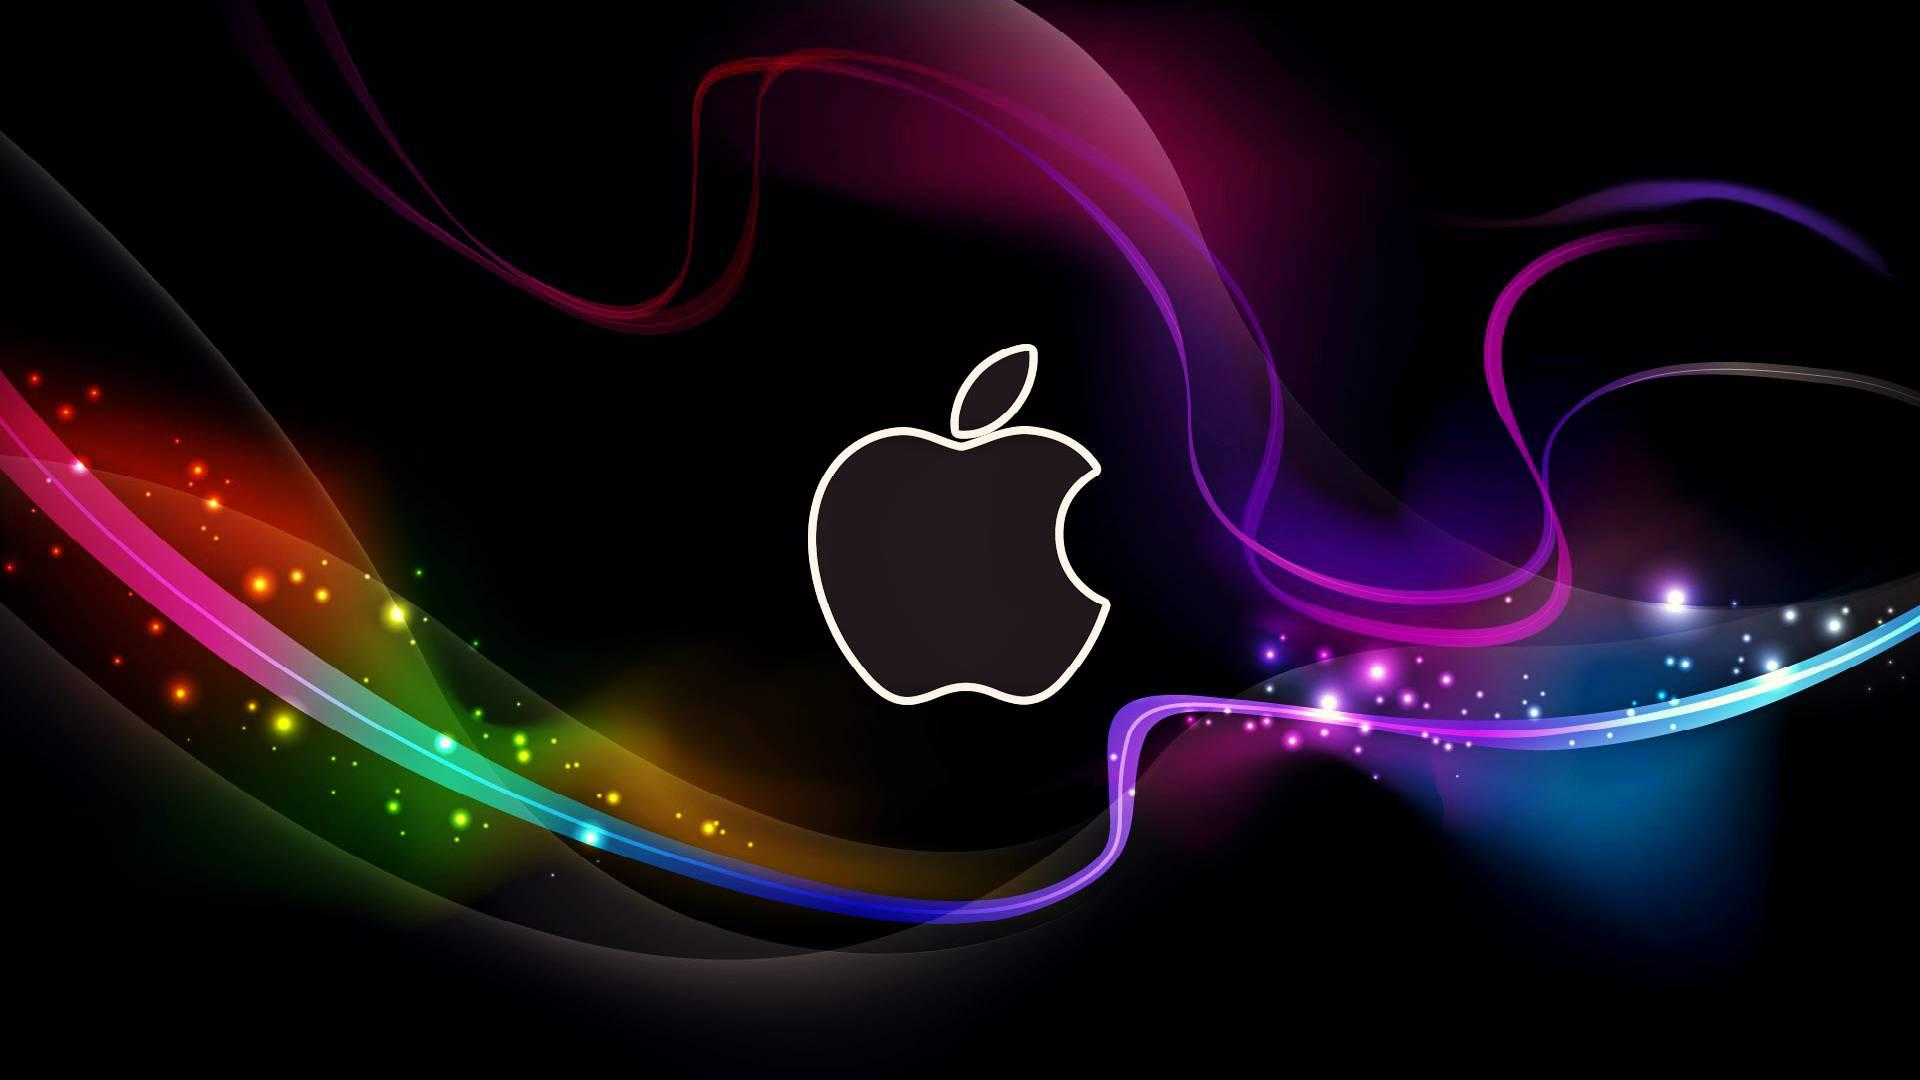 Steve Jobs haqqında bilmədiyiniz 15 fakt!